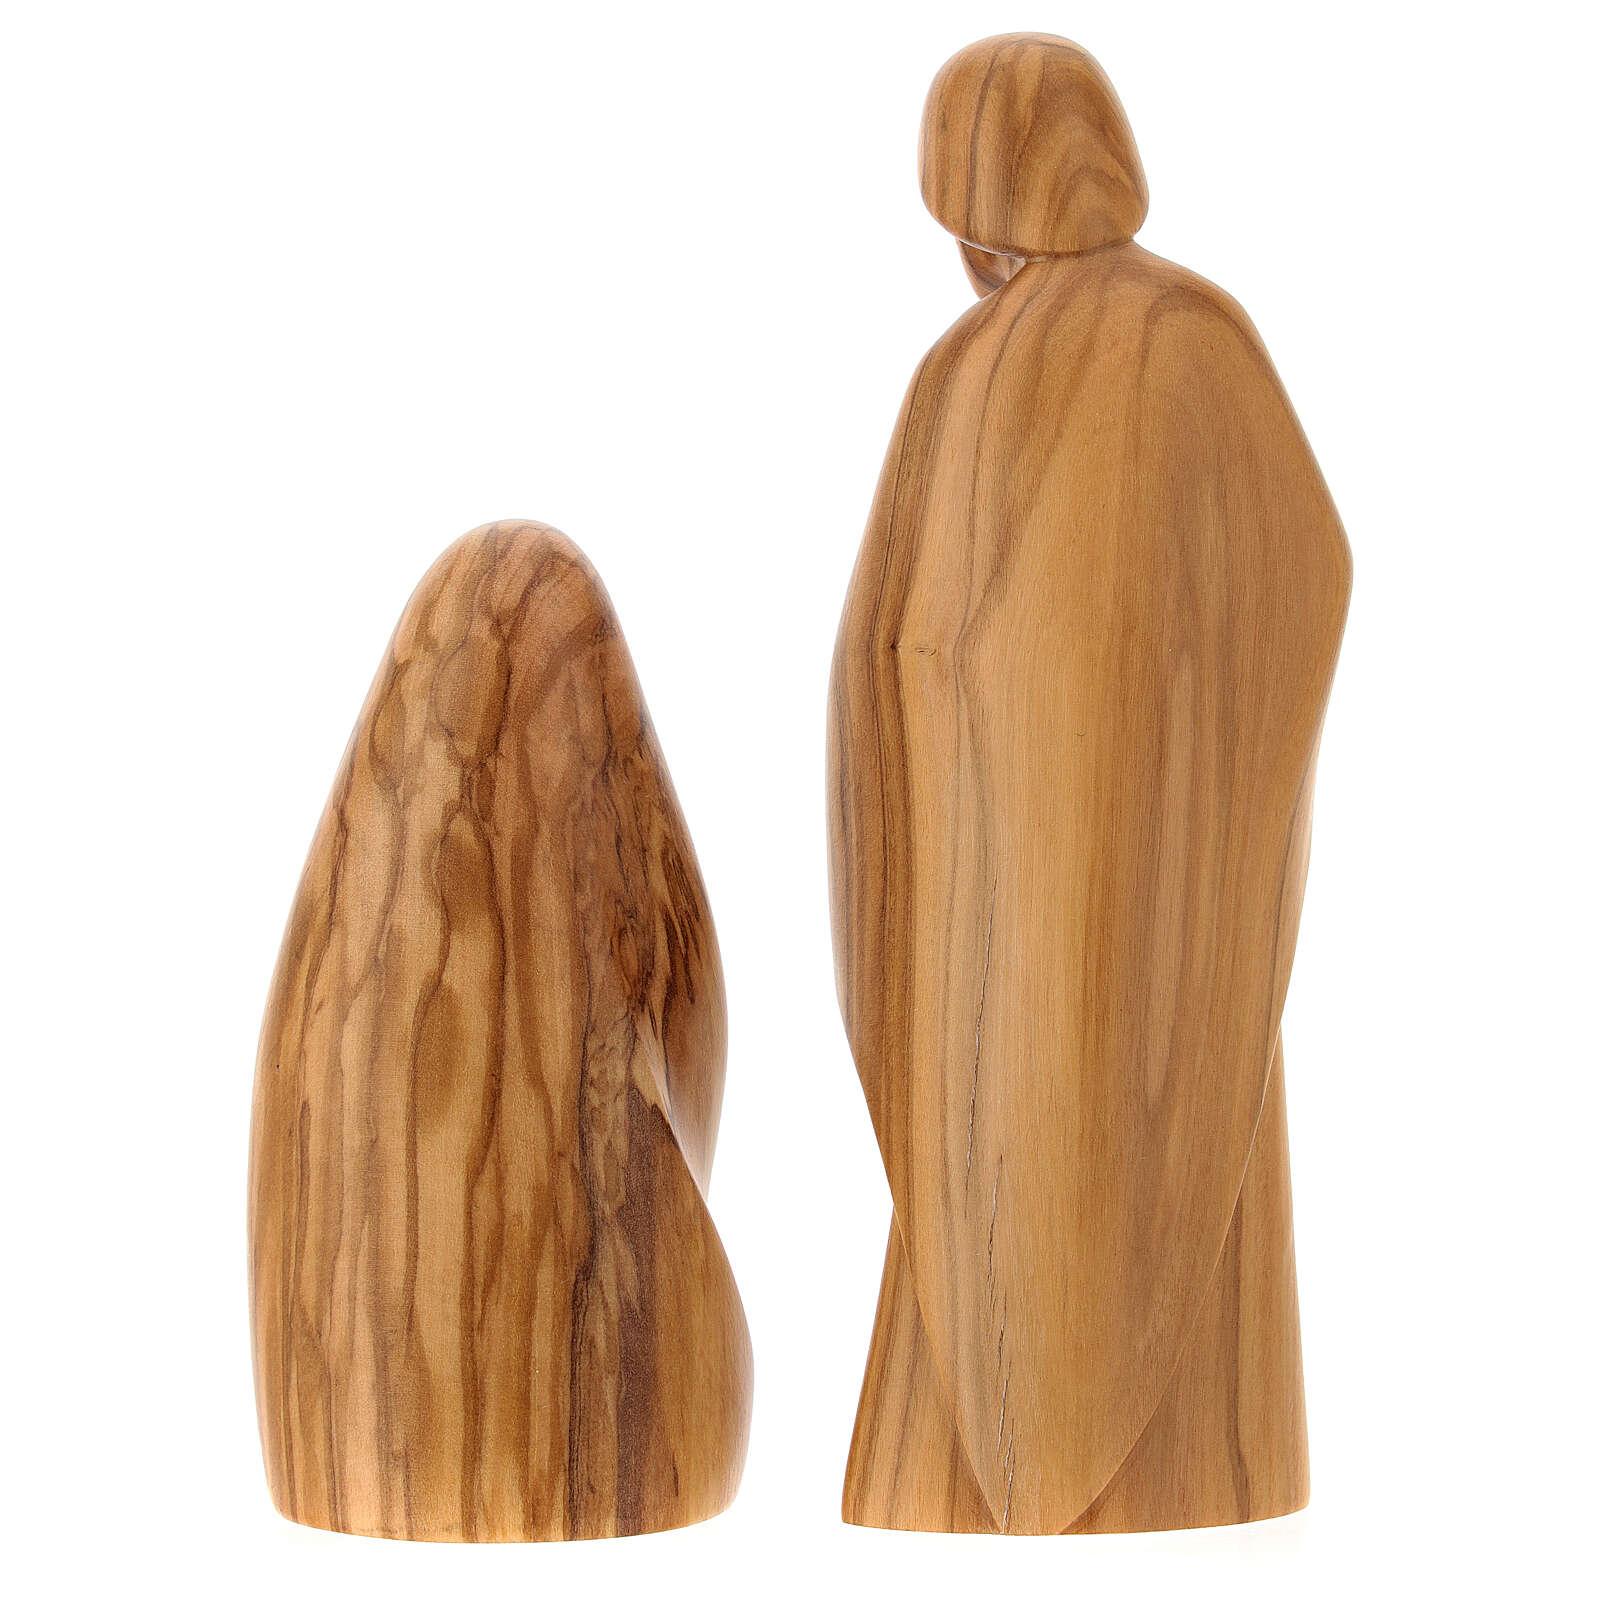 Natividad La alegría dos piezas madera olivo Val Gardena 3